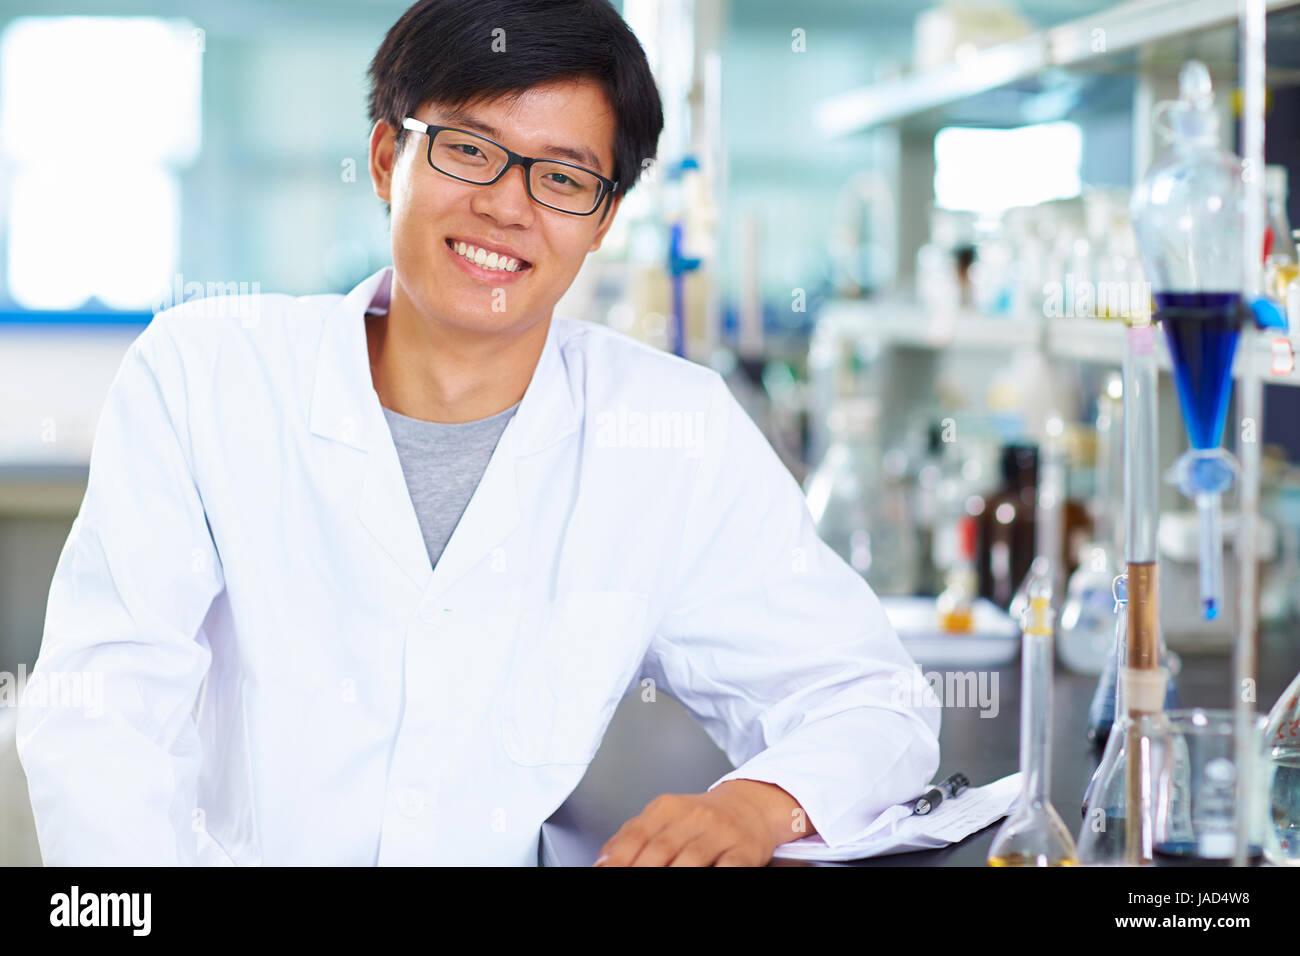 Eine männliche chinesische Labor Wissenschaftler arbeiten im Labor mit Reagenzgläsern Stockbild